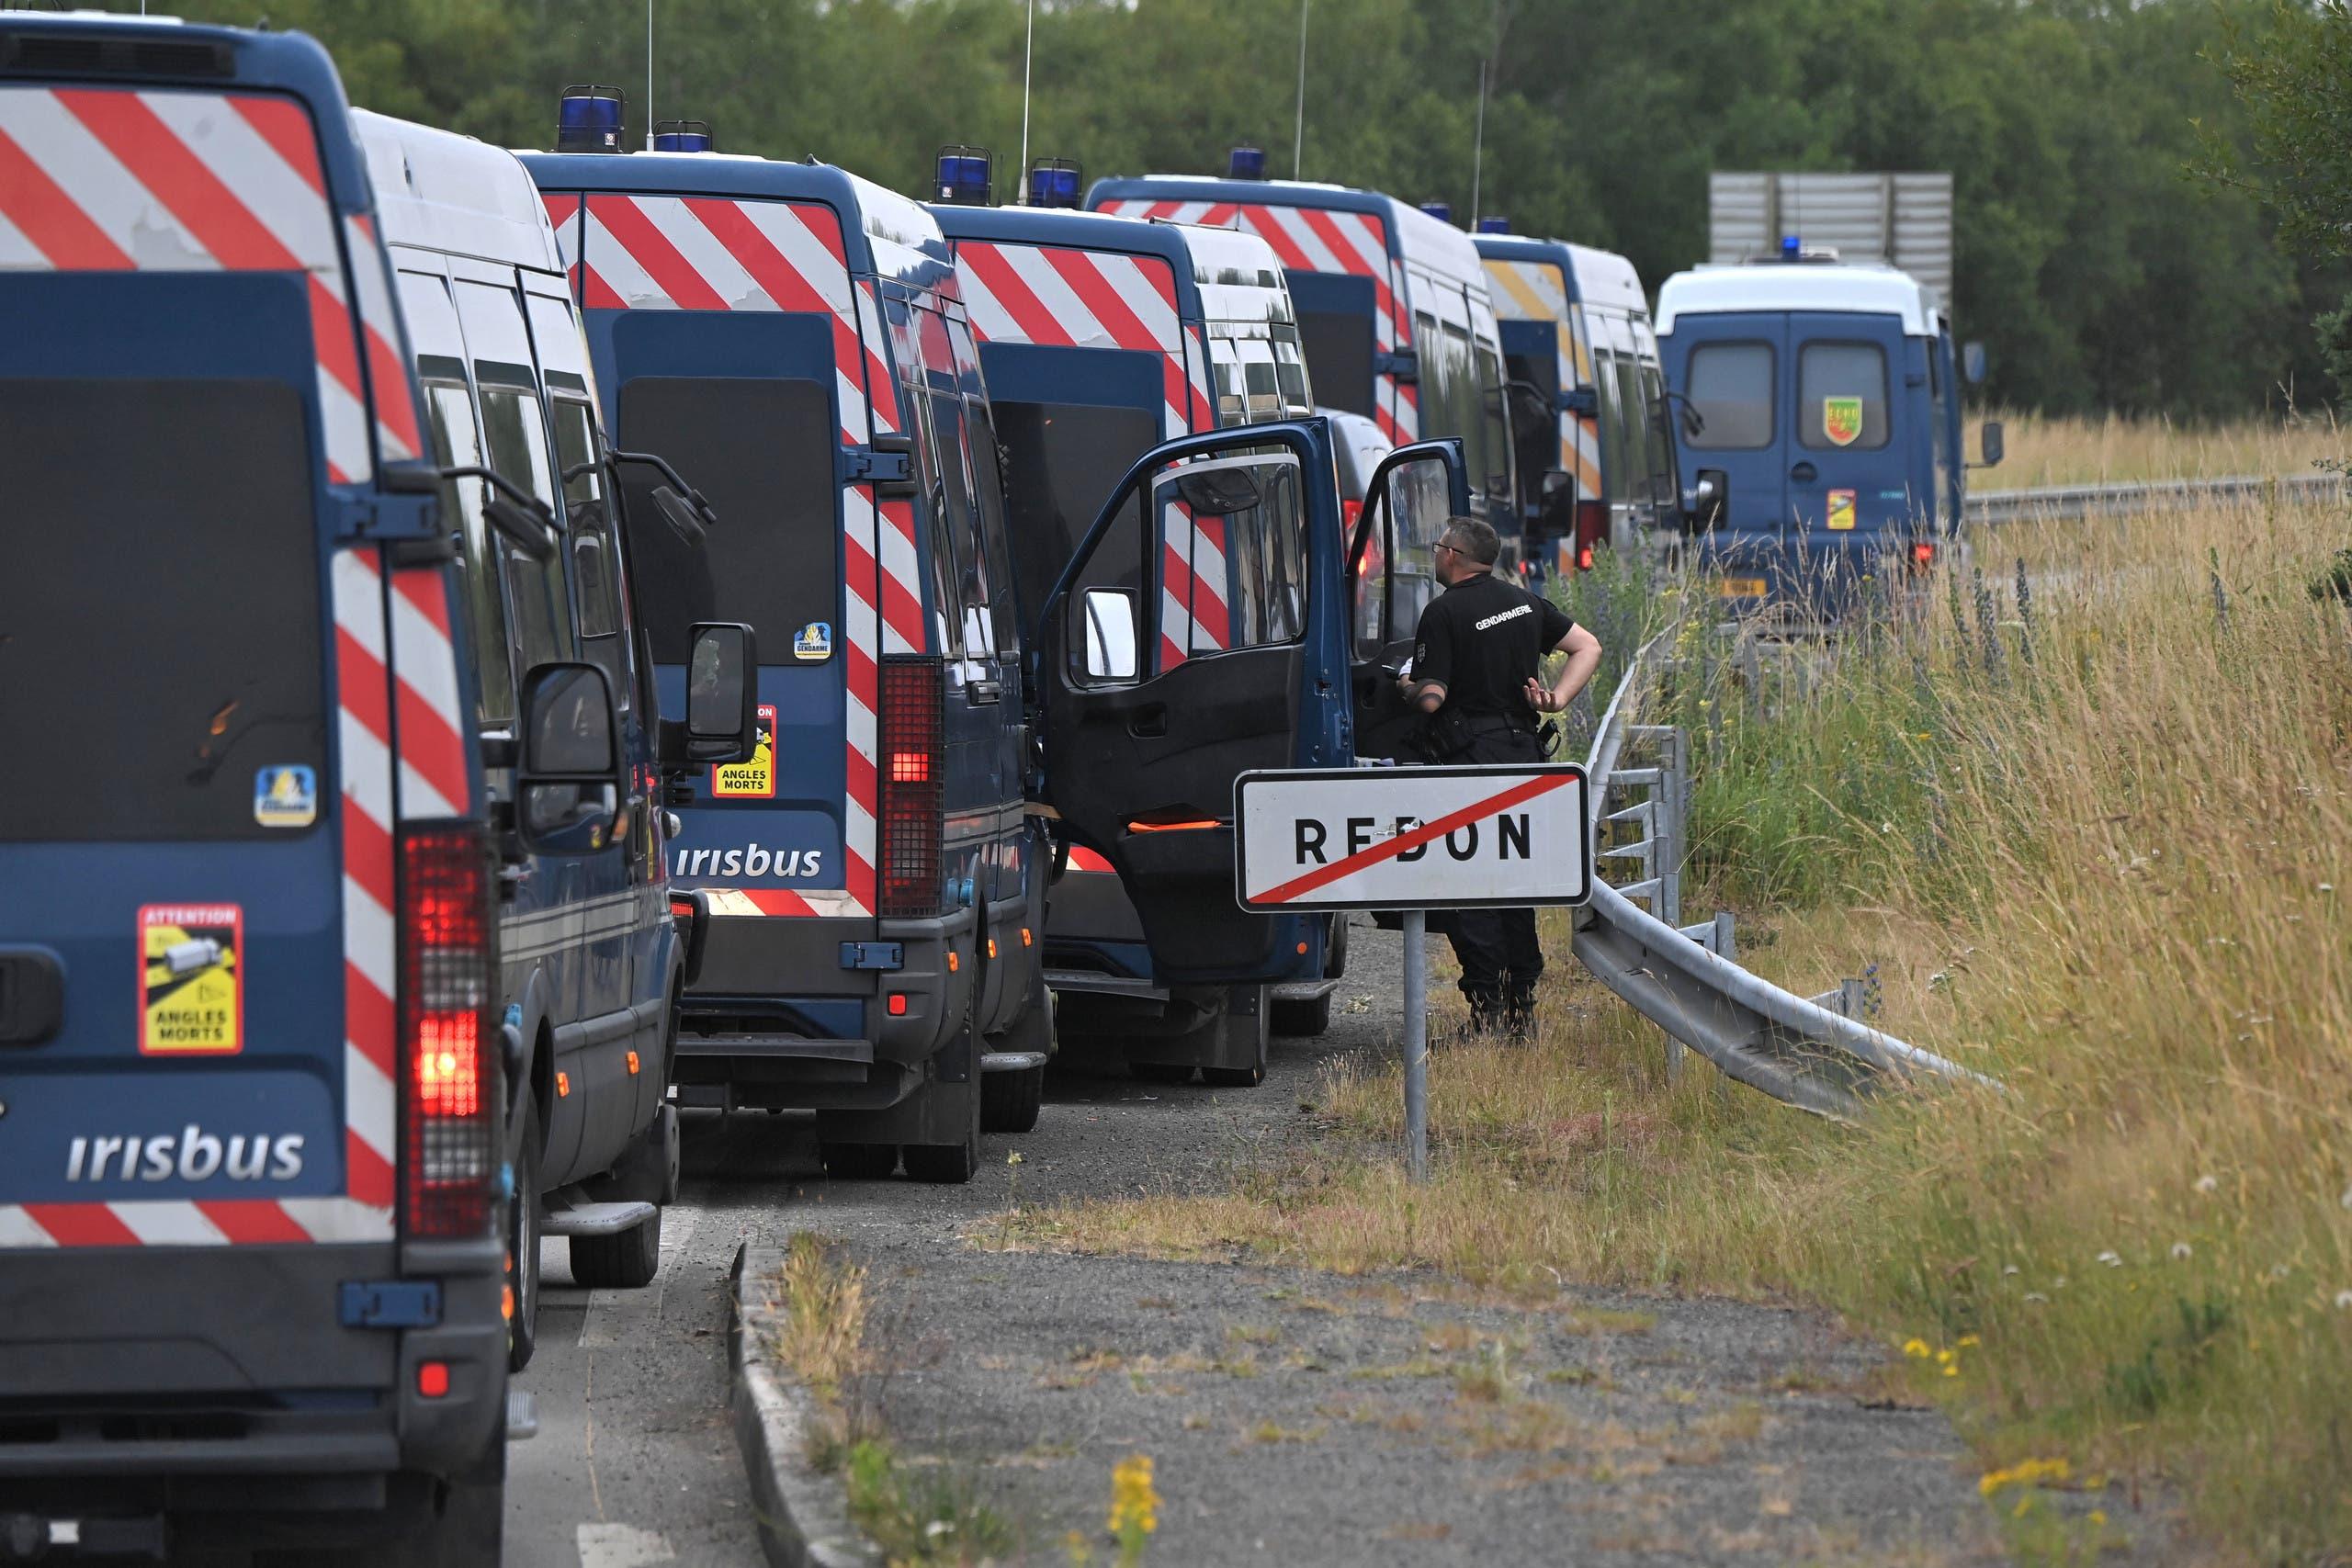 سيارات الشرطة في محيط الحفل